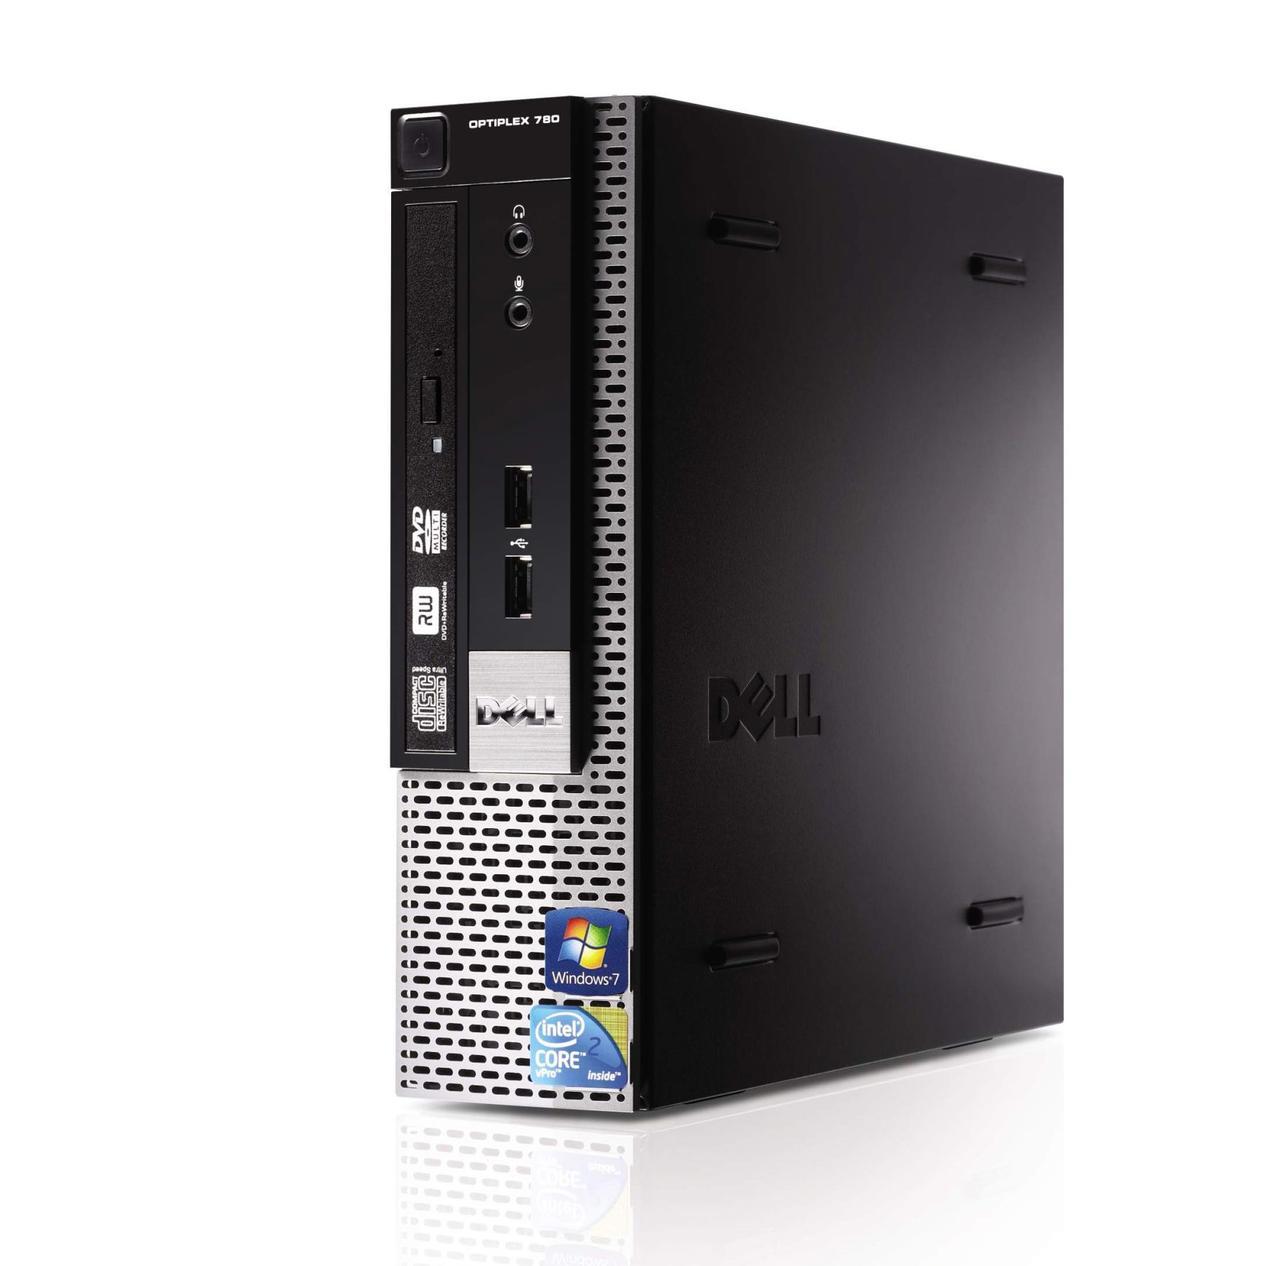 DELL 780 USFF / Intel Core 2 Duo E8500 (2 ядра по 3.16GHz) / 4GB DDR3 / 250GB HDD